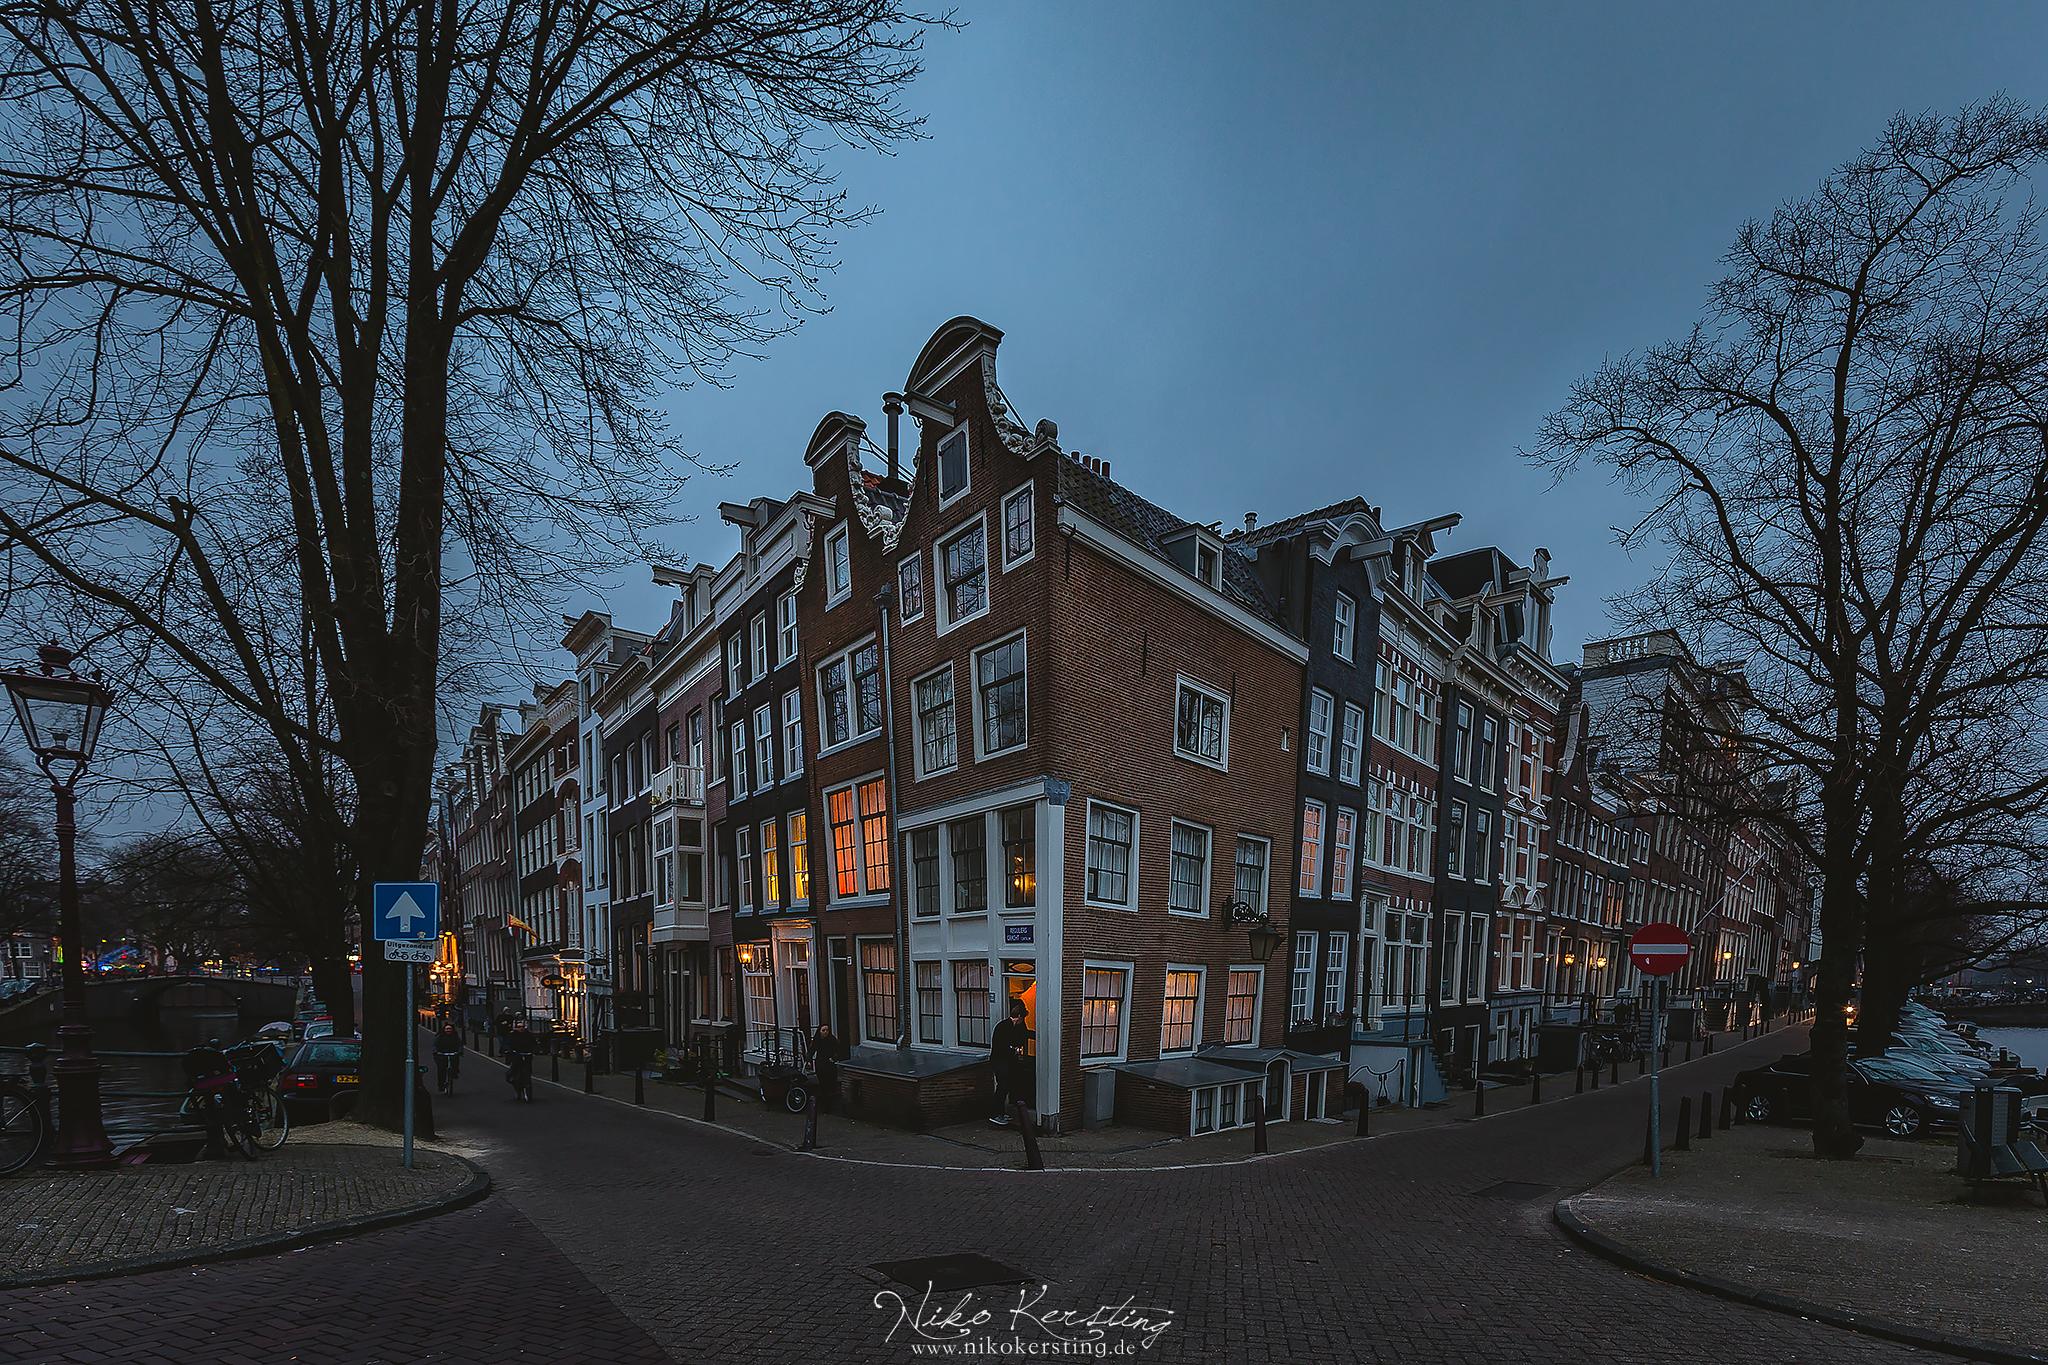 Reguliersgracht x Keizersgracht, Netherlands